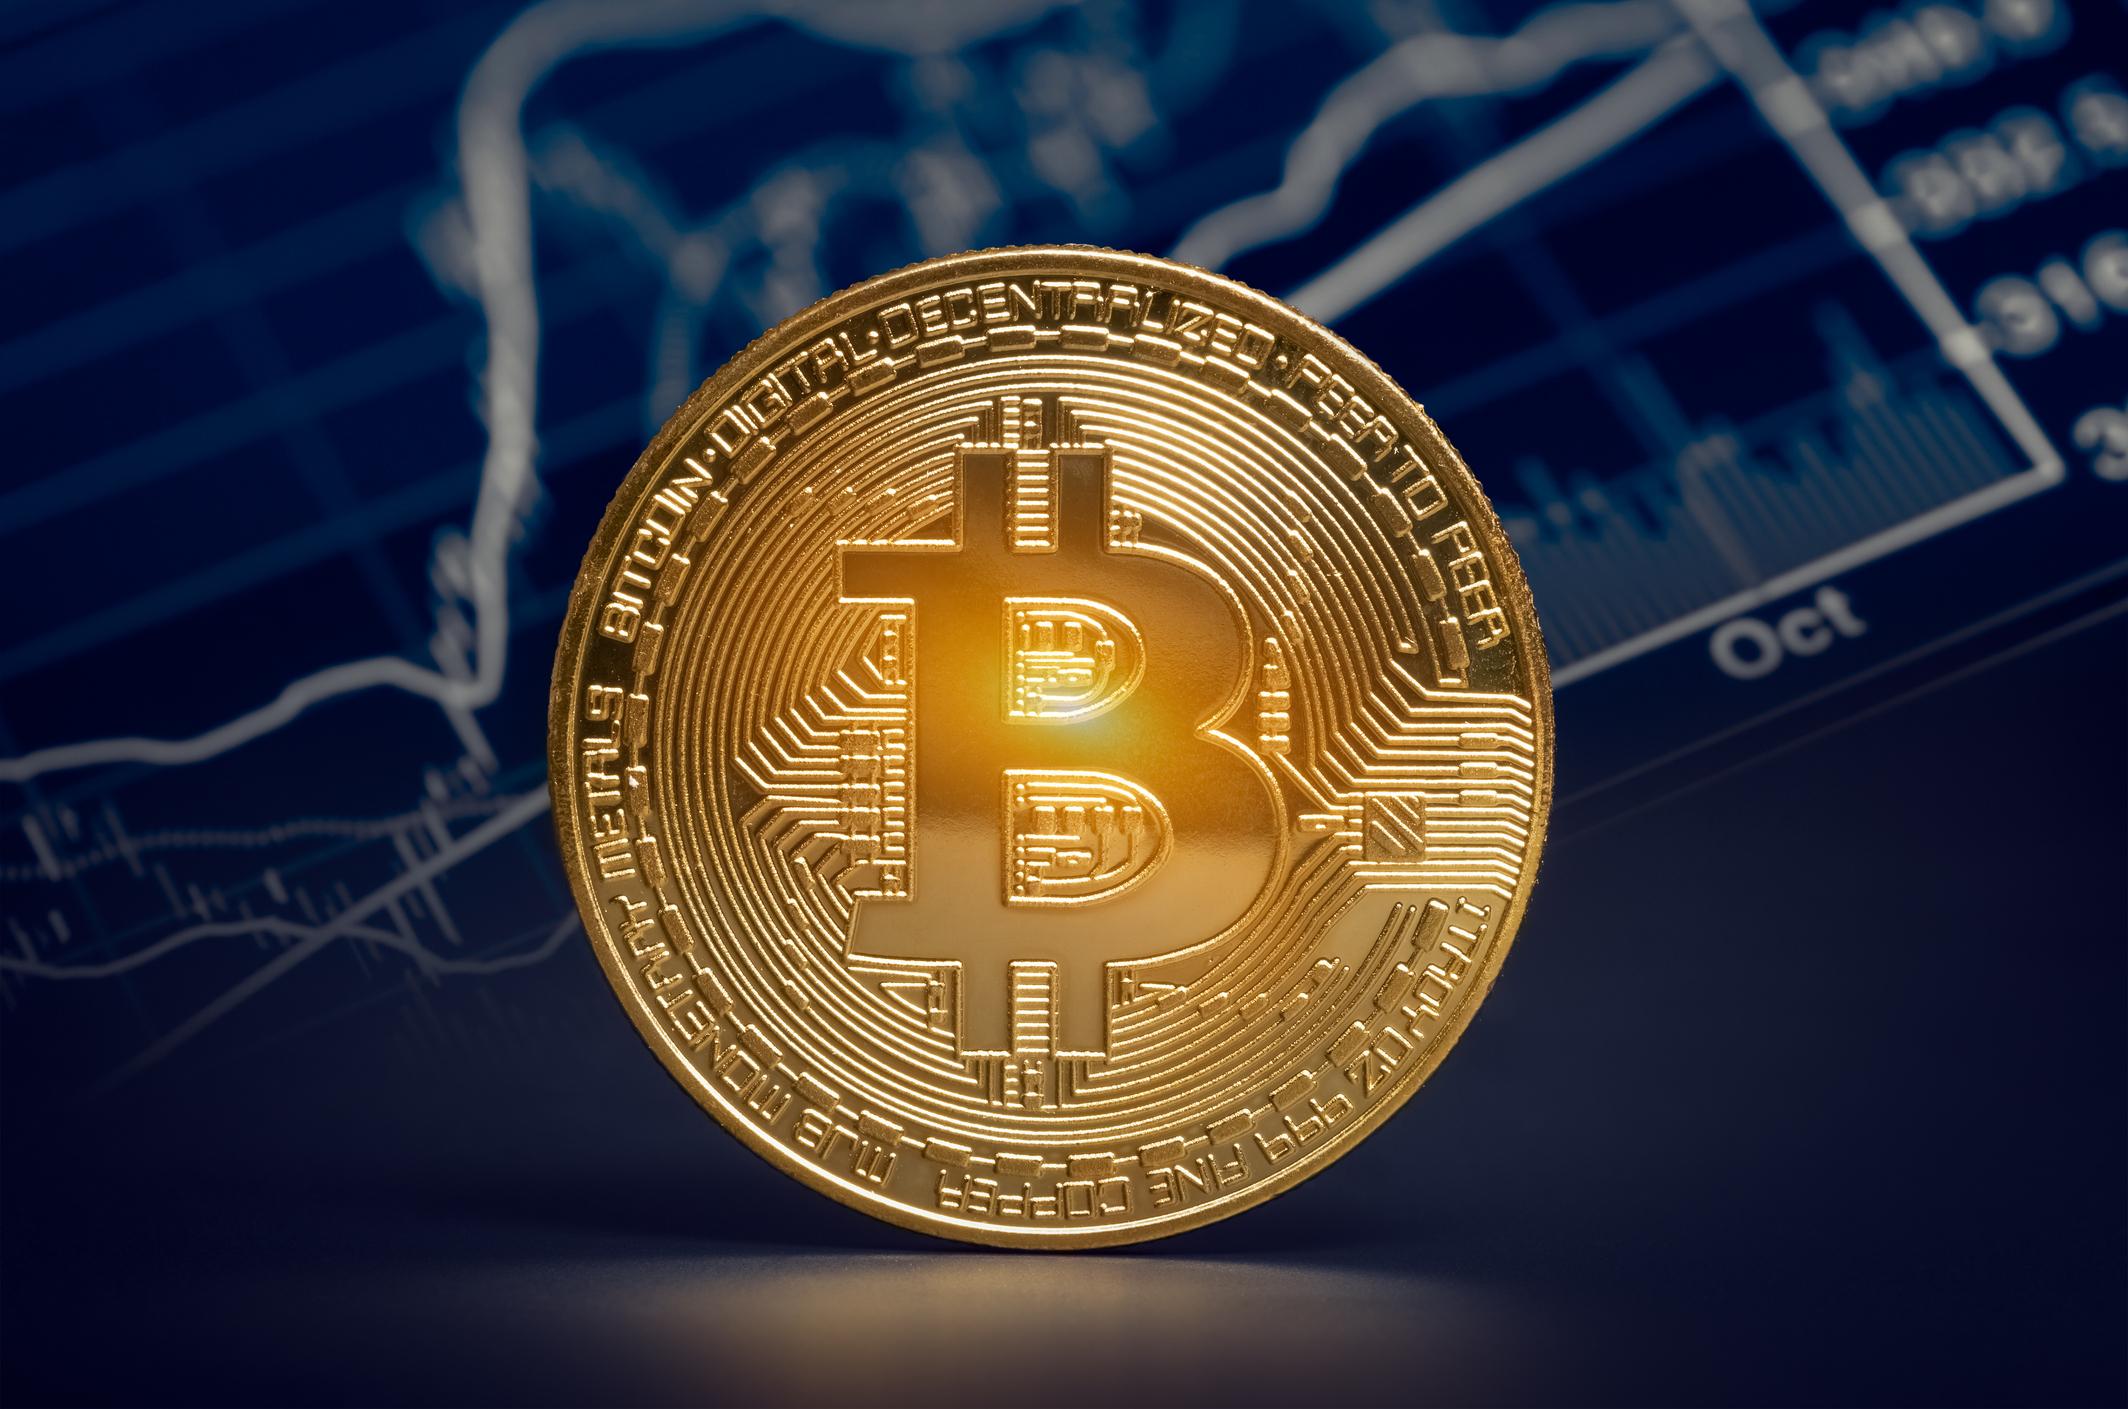 comerciant de bitcoin prea bun pentru a fi adevărat investind în bitcoin nyse